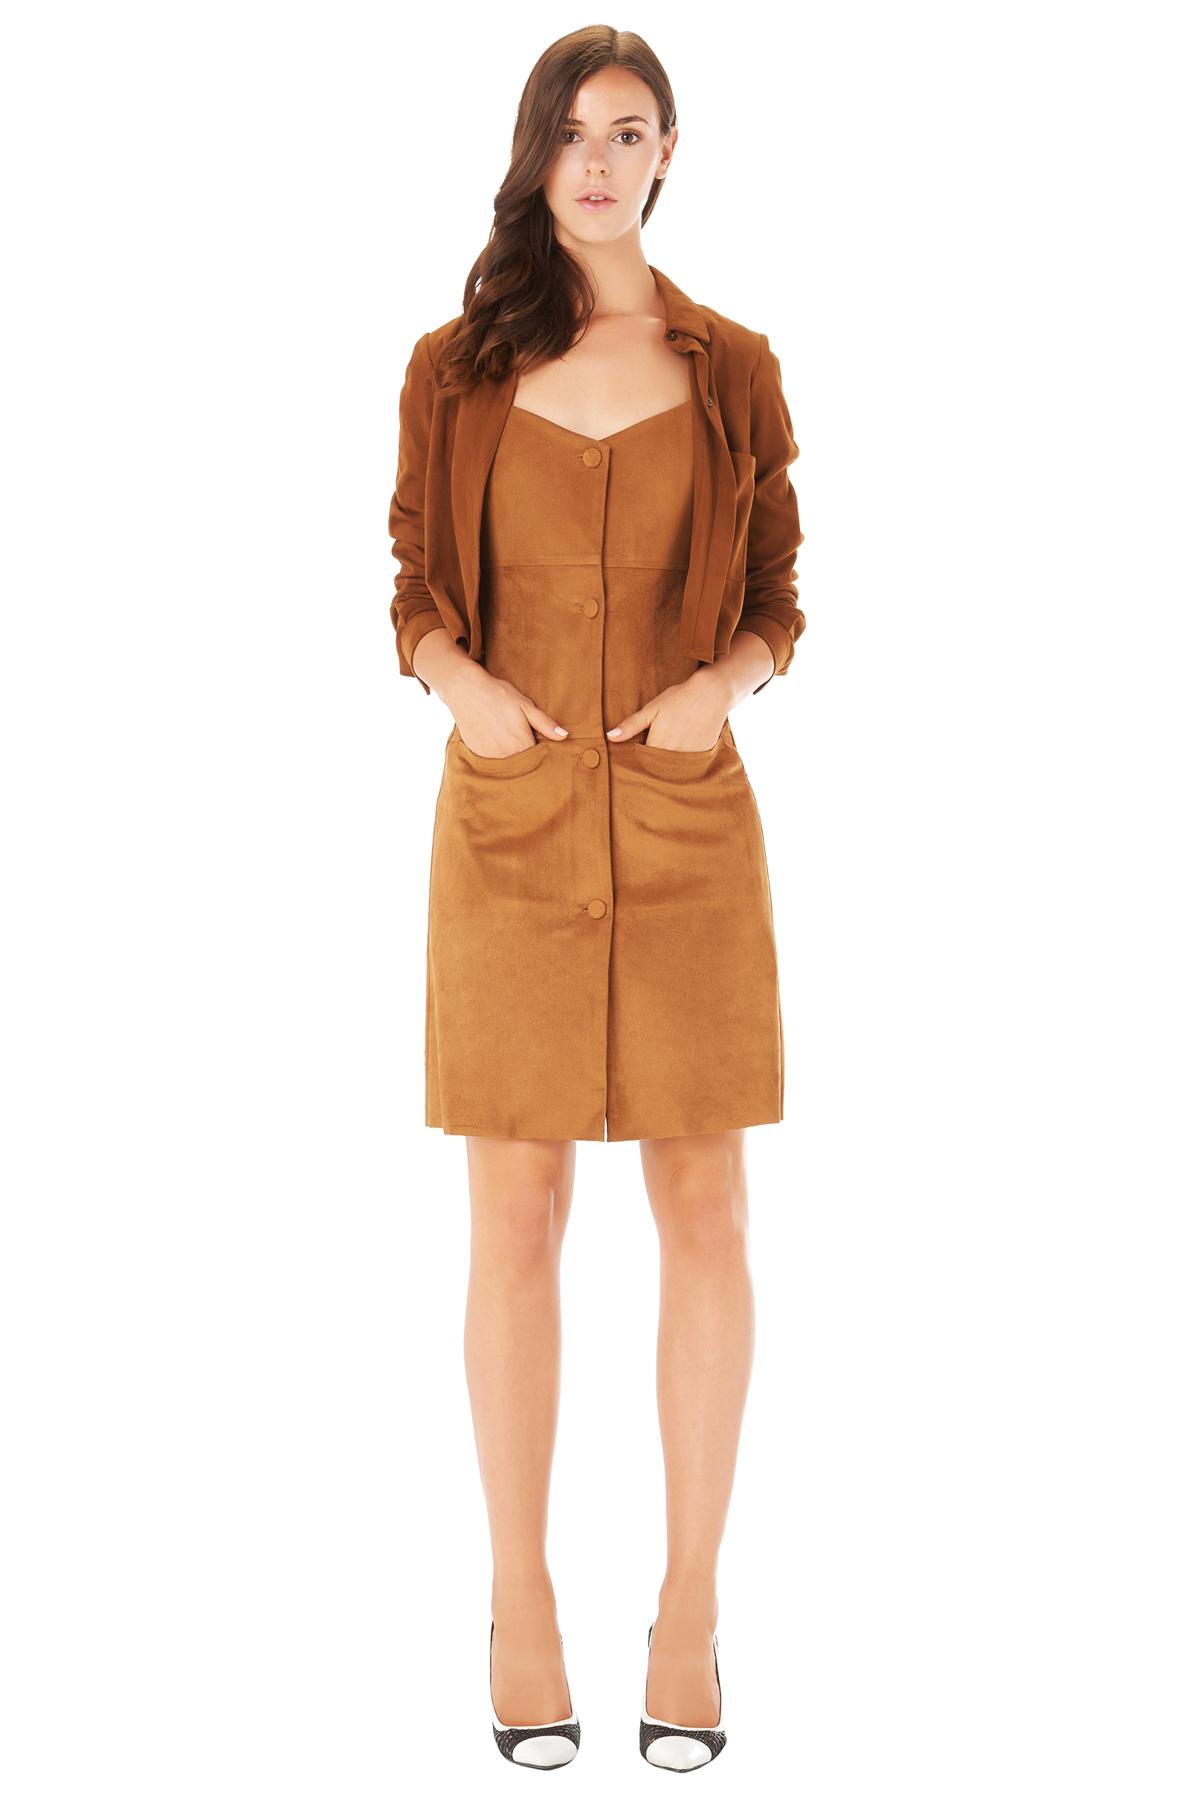 LOW CLASSIC, dress, mini dress, brown dress, short dress, vacation outfit, designer dress, outfit, fashion, designer clothes, designer brands, ชุดแบรนด์เนม, เช่าชุด, เดรส, เดรสสั้น, ชุดไปทะเล, ชุดไปเที่ยว